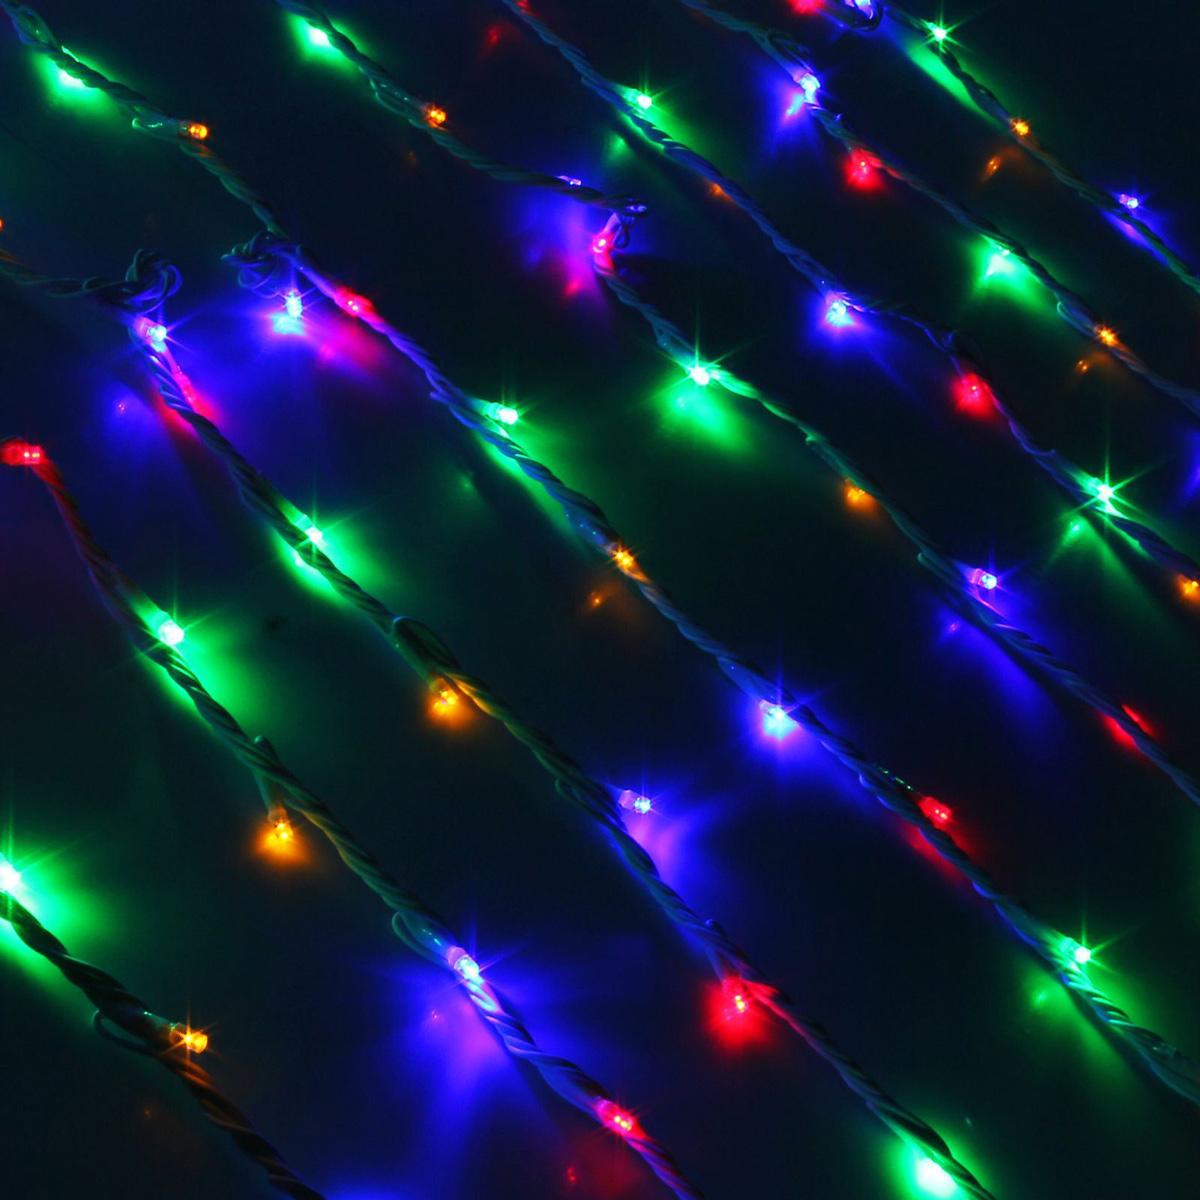 Гирлянда светодиодная Luazon Дождь, уличная, 1500 ламп, 220 V, цвет: мультиколор, 2 х 6 м. 10802061080656Светодиодные гирлянды, ленты и т.д — это отличный вариант для новогоднего оформления интерьера или фасада. С их помощью помещение любого размера можно превратить в праздничный зал, а внешние элементы зданий, украшенные ими, мгновенно станут напоминать очертания сказочного дворца. Такие украшения создают ауру предвкушения чуда. Деревья, фасады, витрины, окна и арки будто специально созданы, чтобы вы украсили их светящимися нитями.